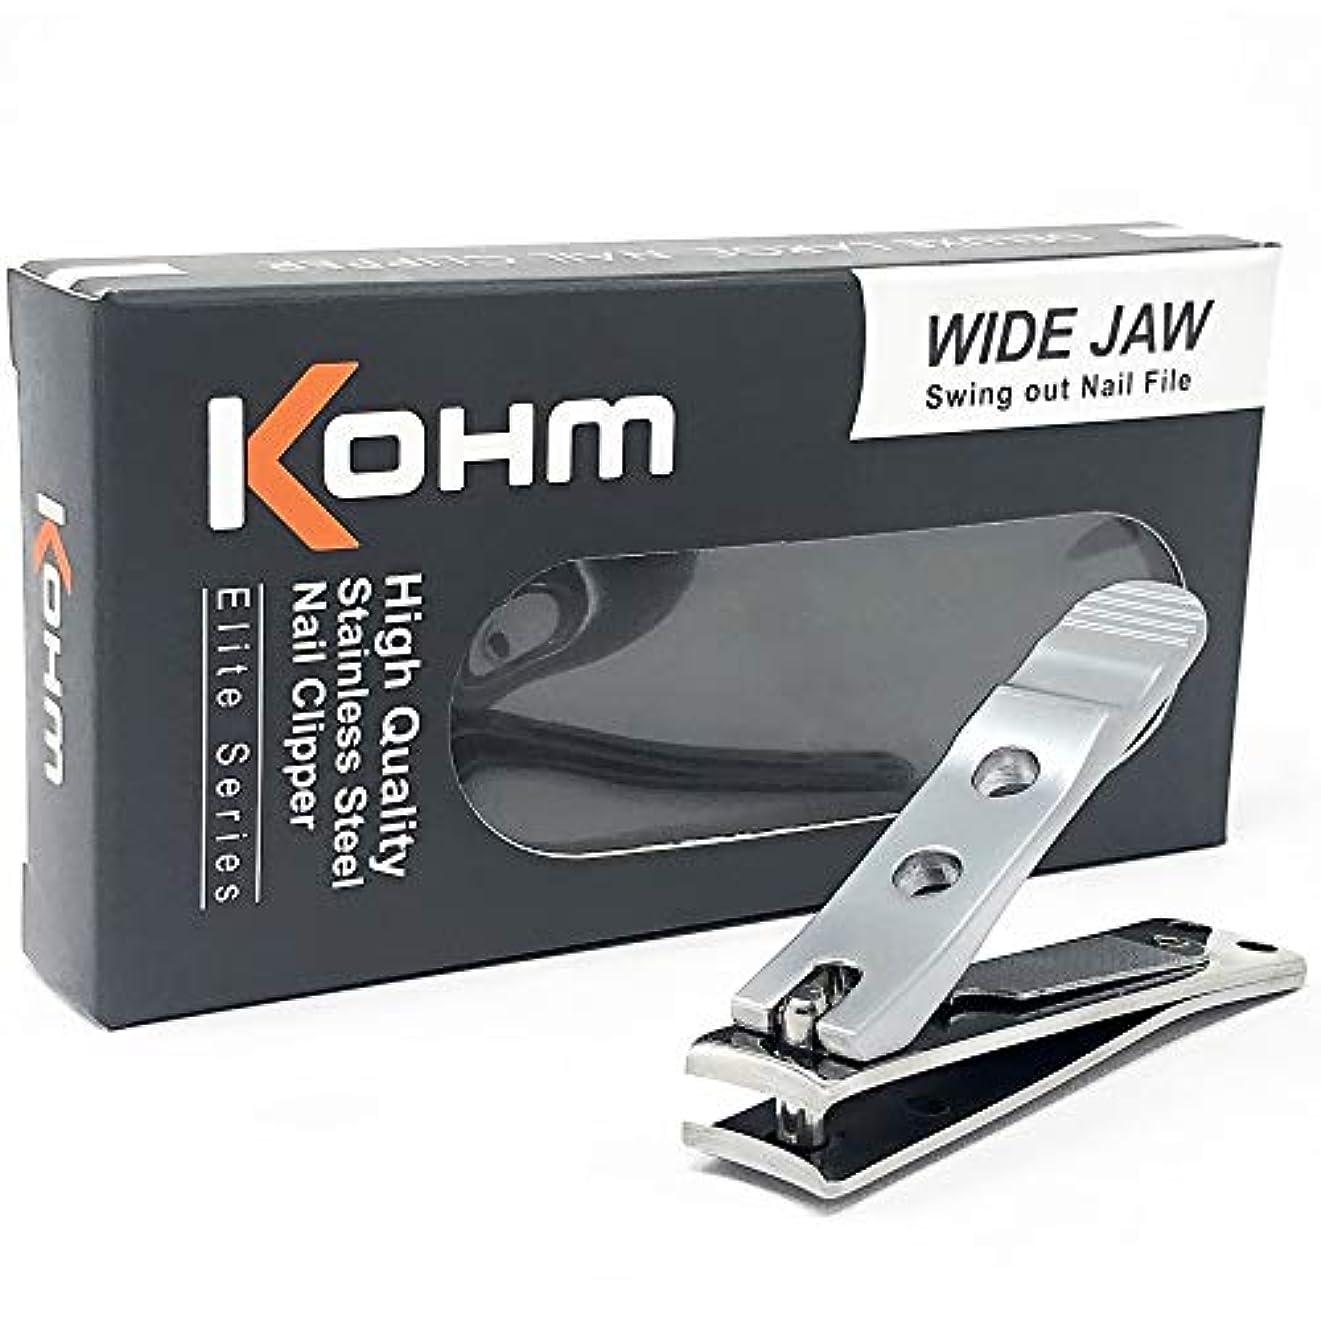 前進プロトタイプ保護Kohm WHS-440L厚手の爪のための足のつかみ4mmの広い顎、湾曲した刃、釘のファイル、ヘビーデューティ。